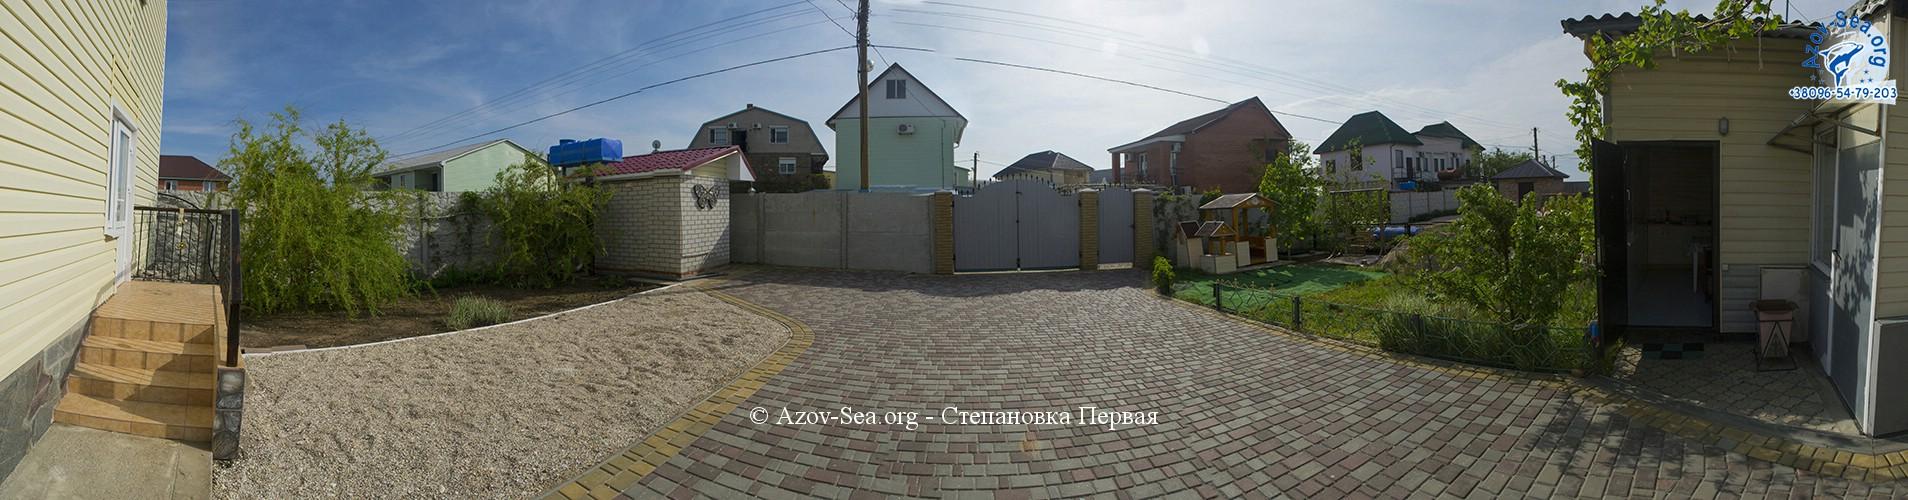 Отдых на Азовском море пансионаты базы отдыха частный